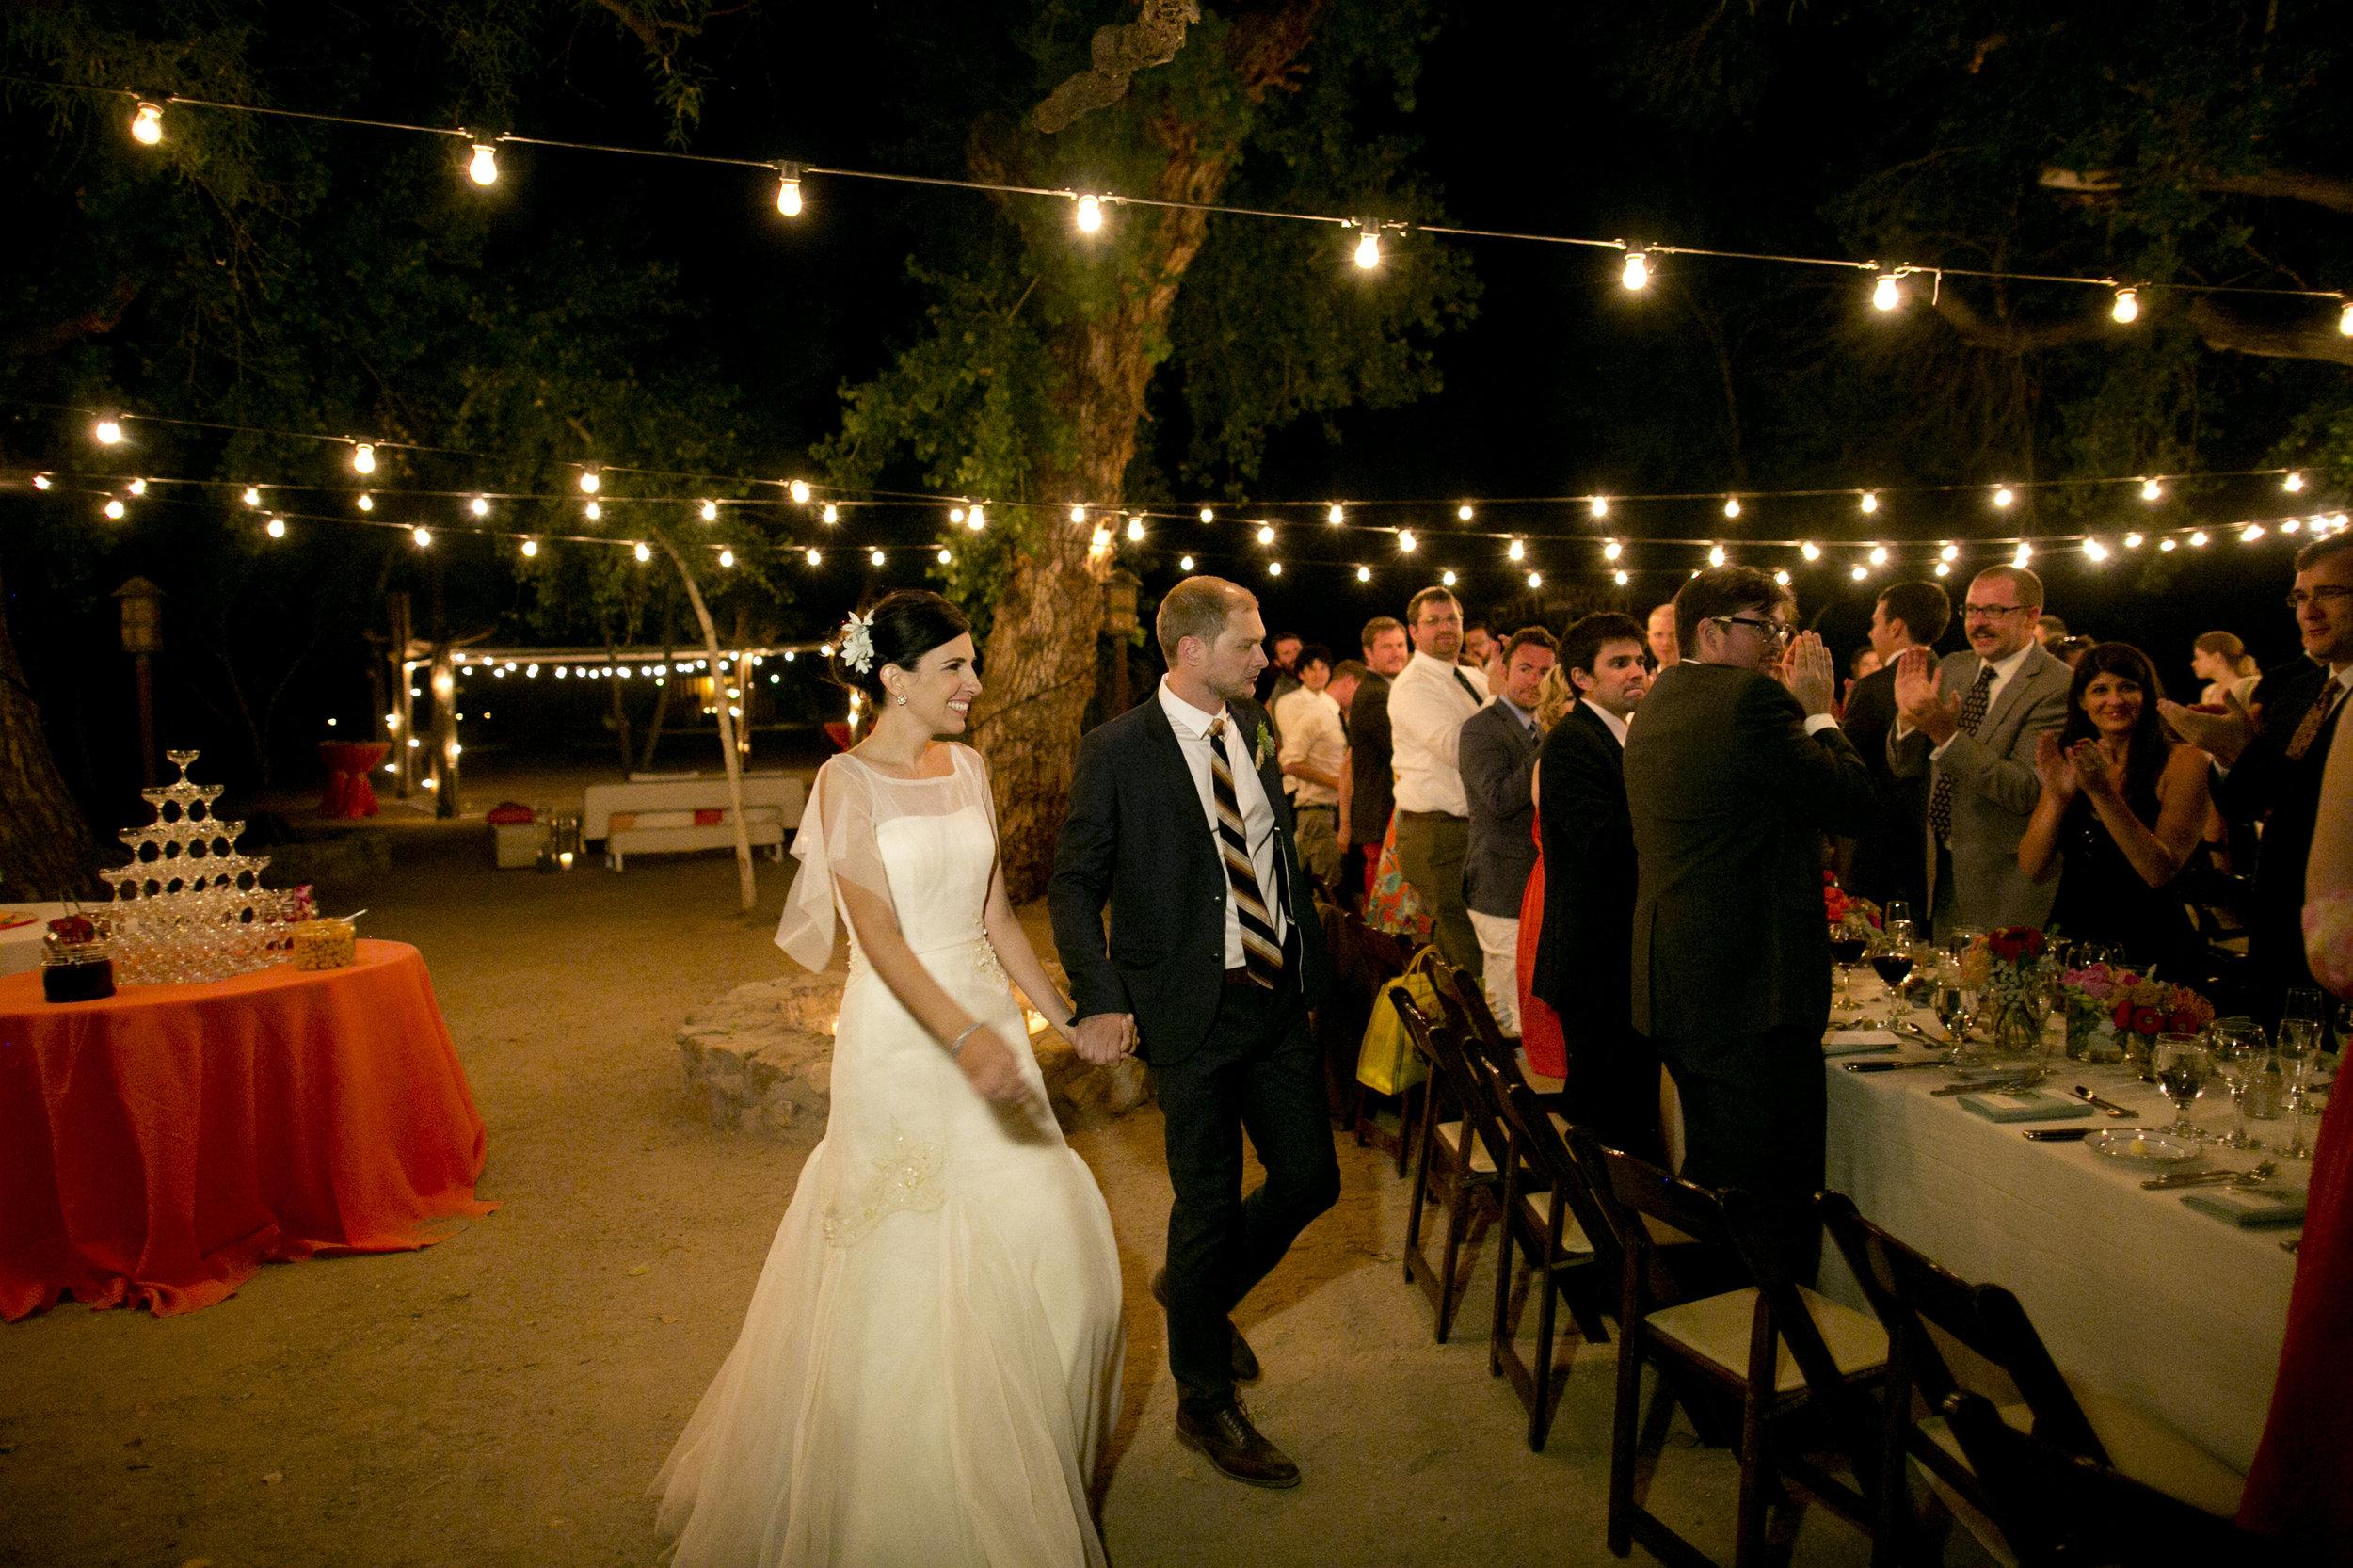 Ceci_New_York_Ceci_Style_Ceci_Johnson_Luxury_Lifestyle_Arizona_Wedding_Watercolor_Inspiration_Design_Custom_Couture_Personalized_Invitations_187.jpg